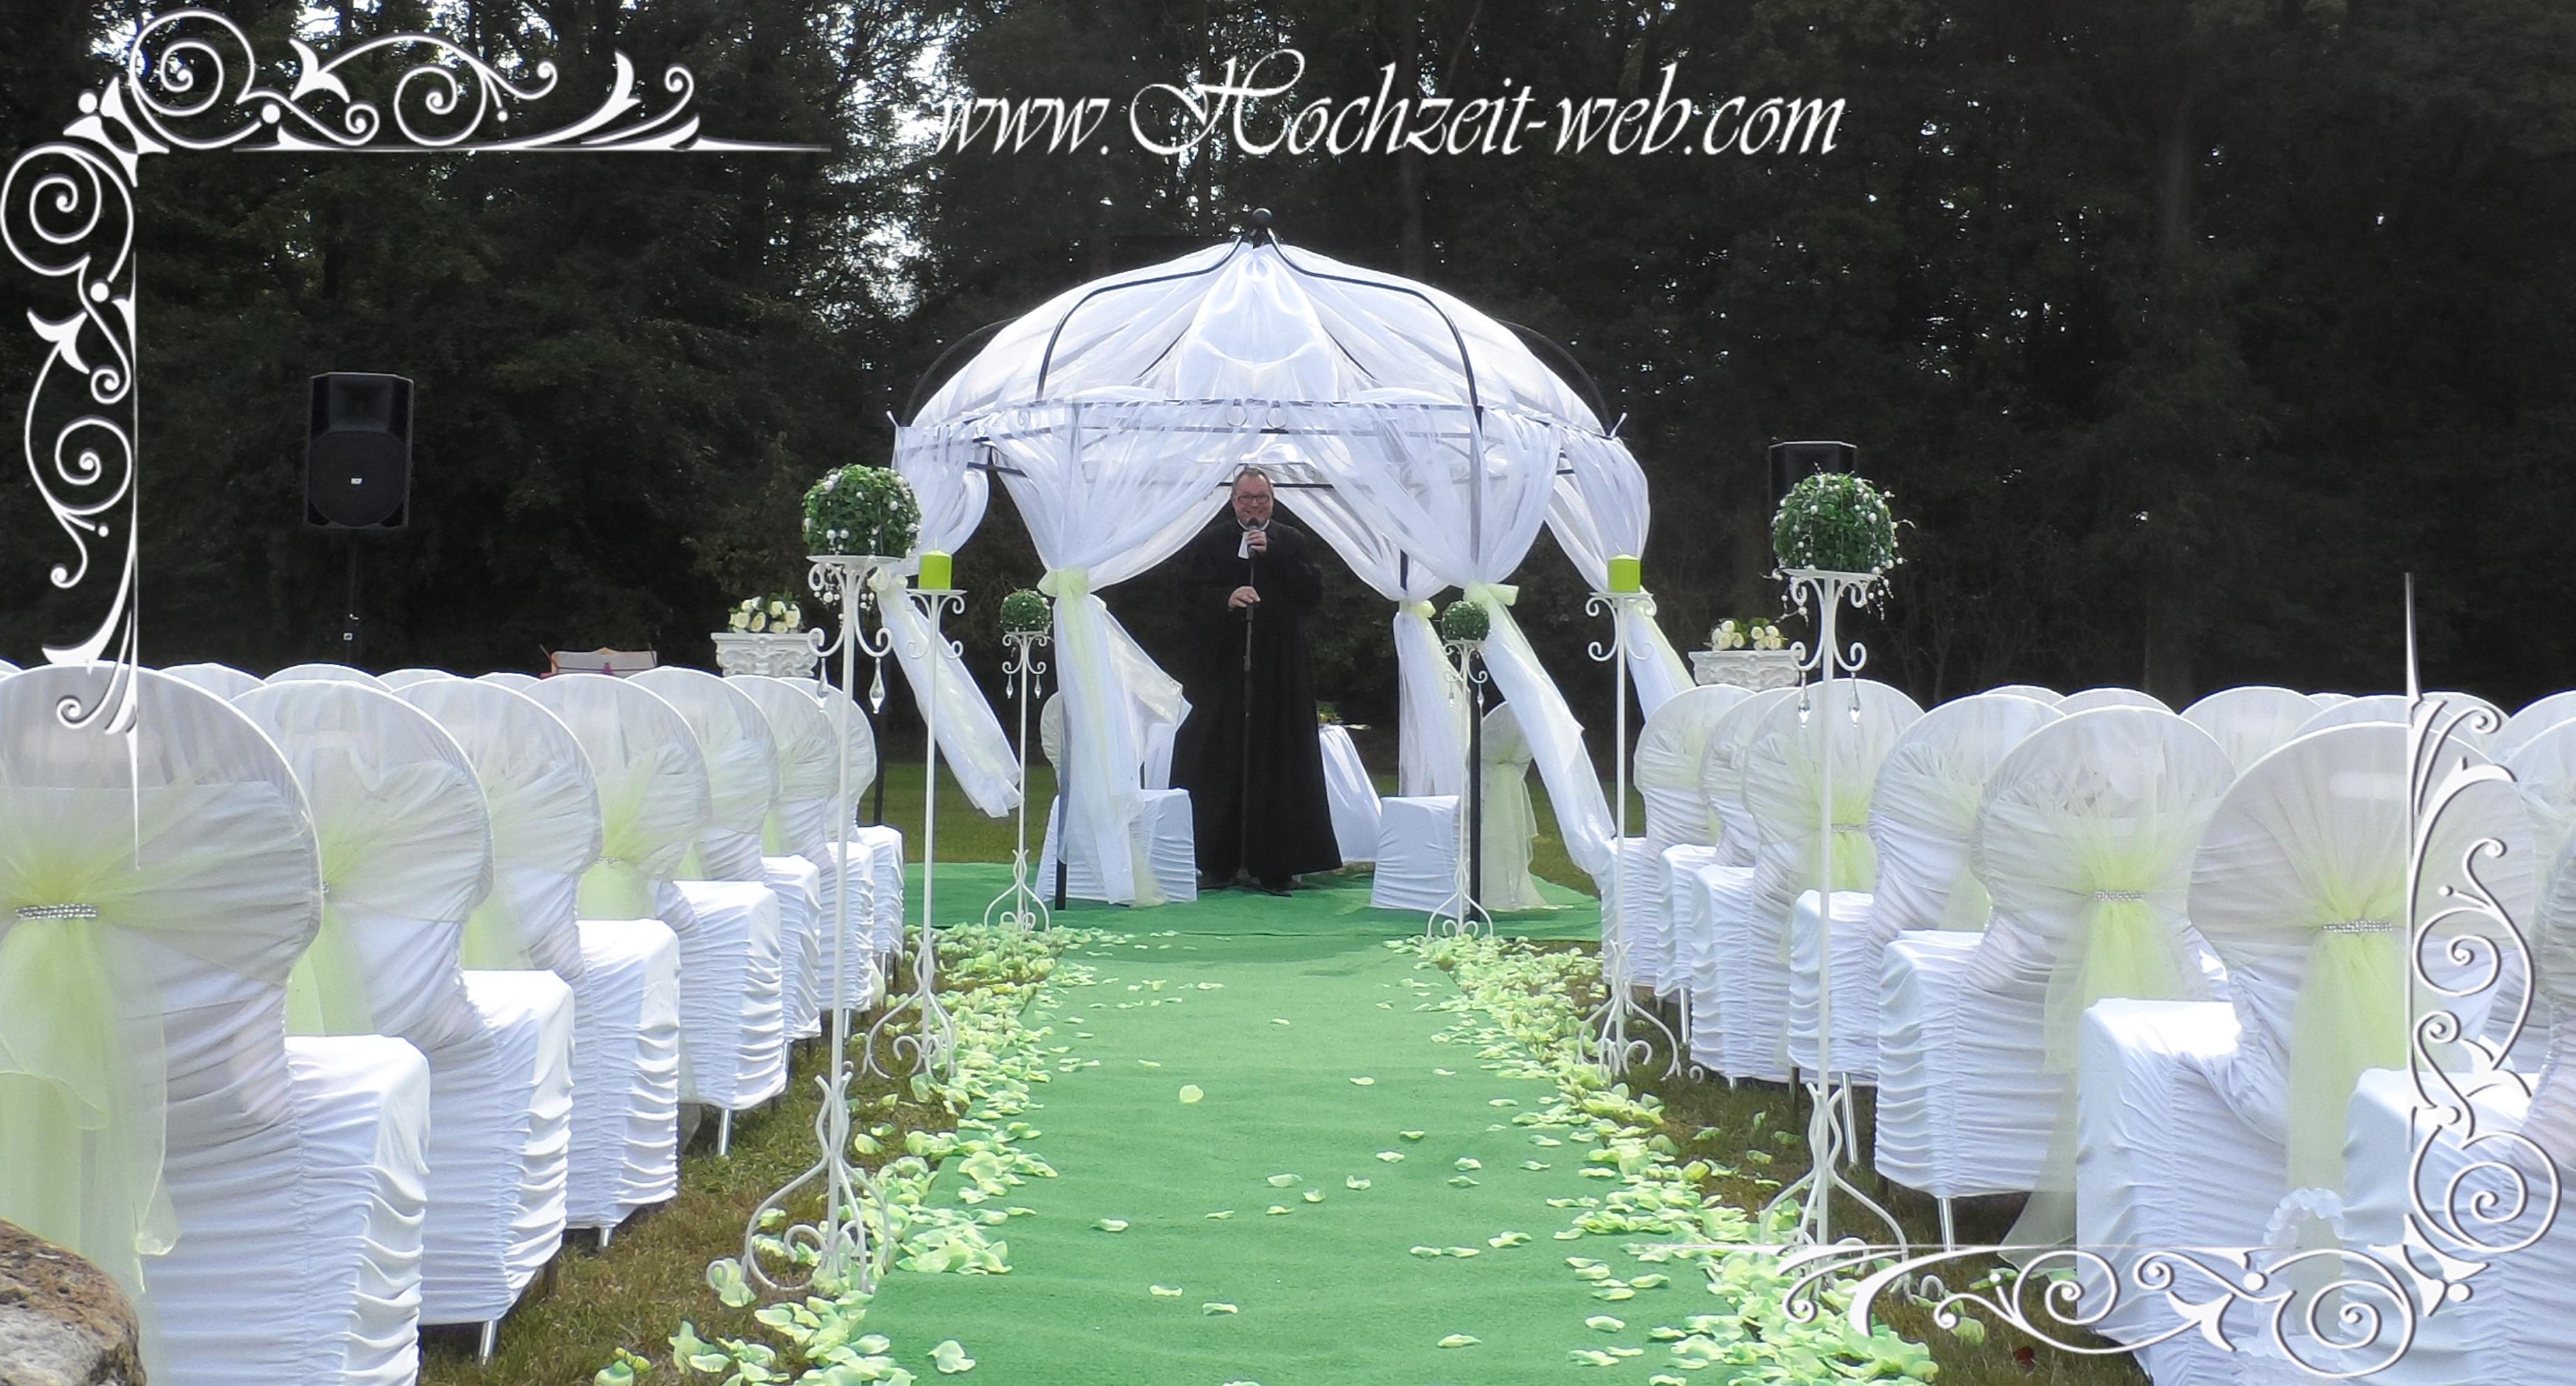 Hochzeit Im Freien Pavillon By Hochzeit Web Com